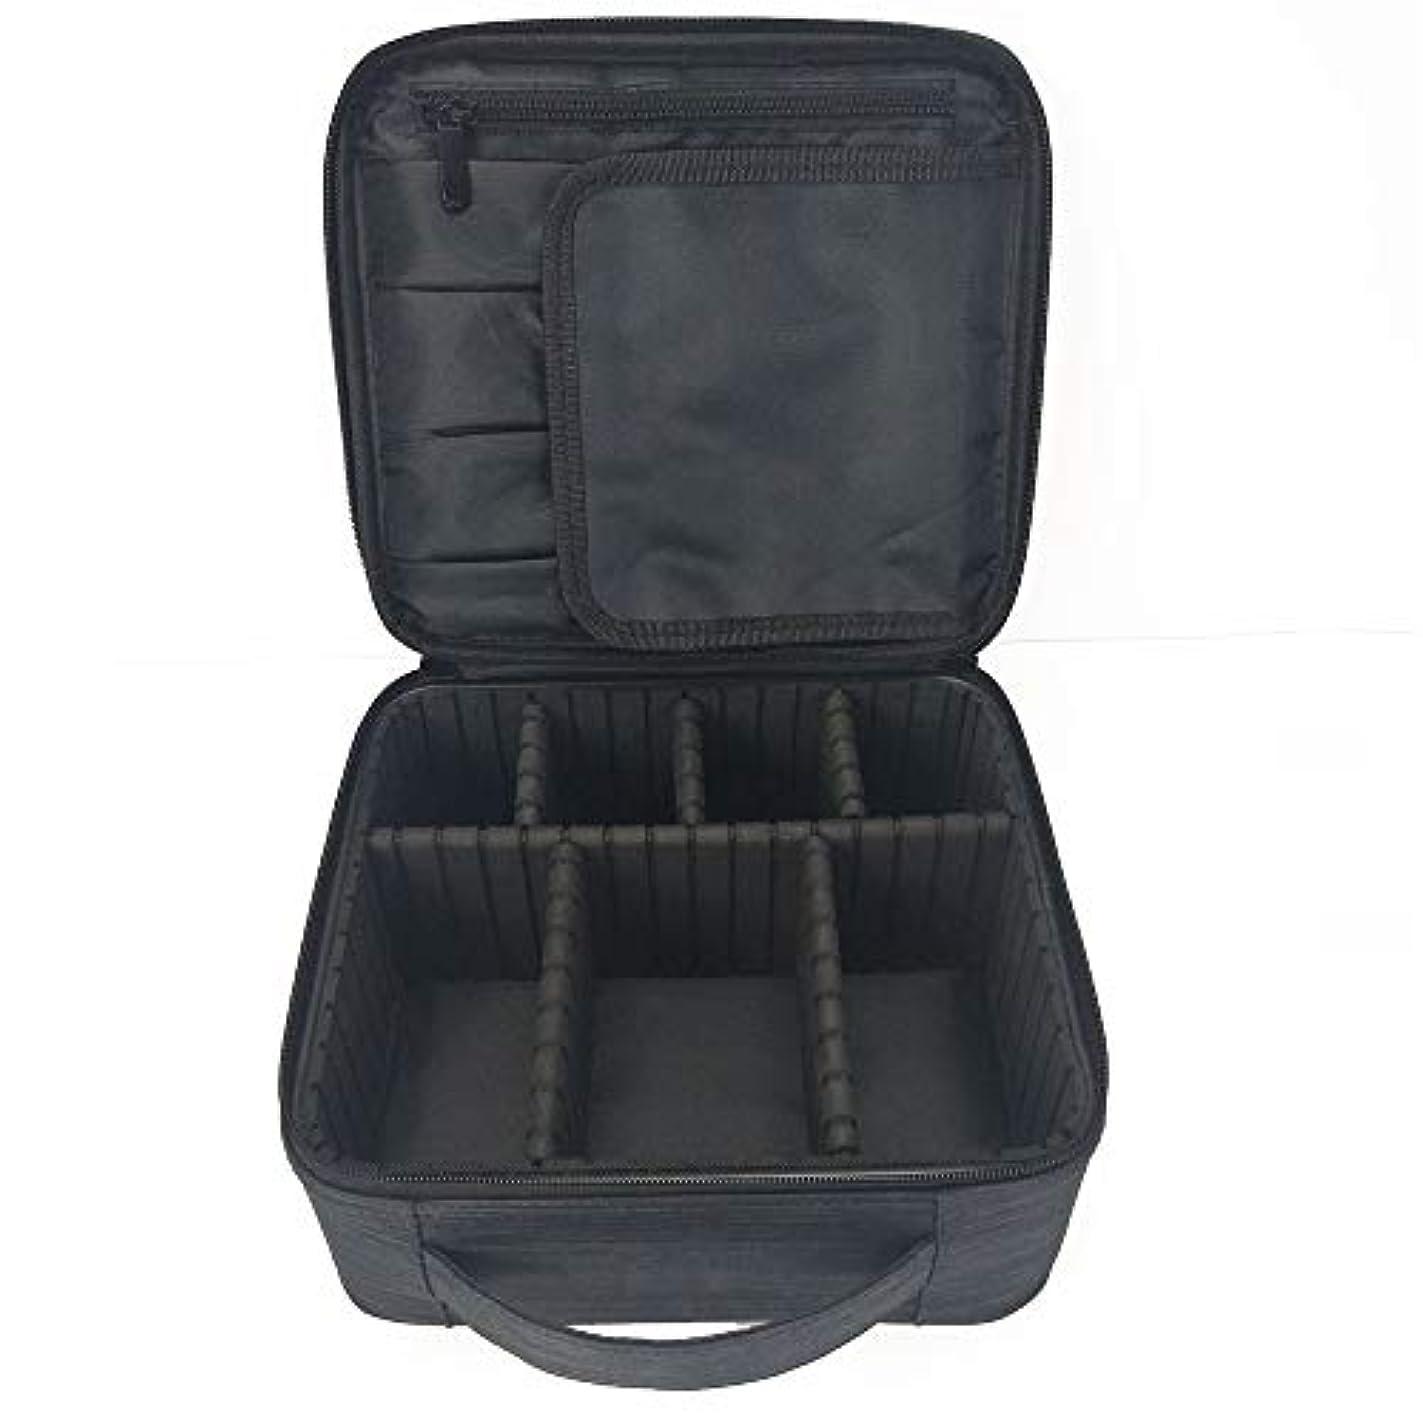 破壊する結紮接続された化粧オーガナイザーバッグ 調整可能な仕切り付き防水メイクアップバッグ旅行化粧ケースブラシホルダー 化粧品ケース